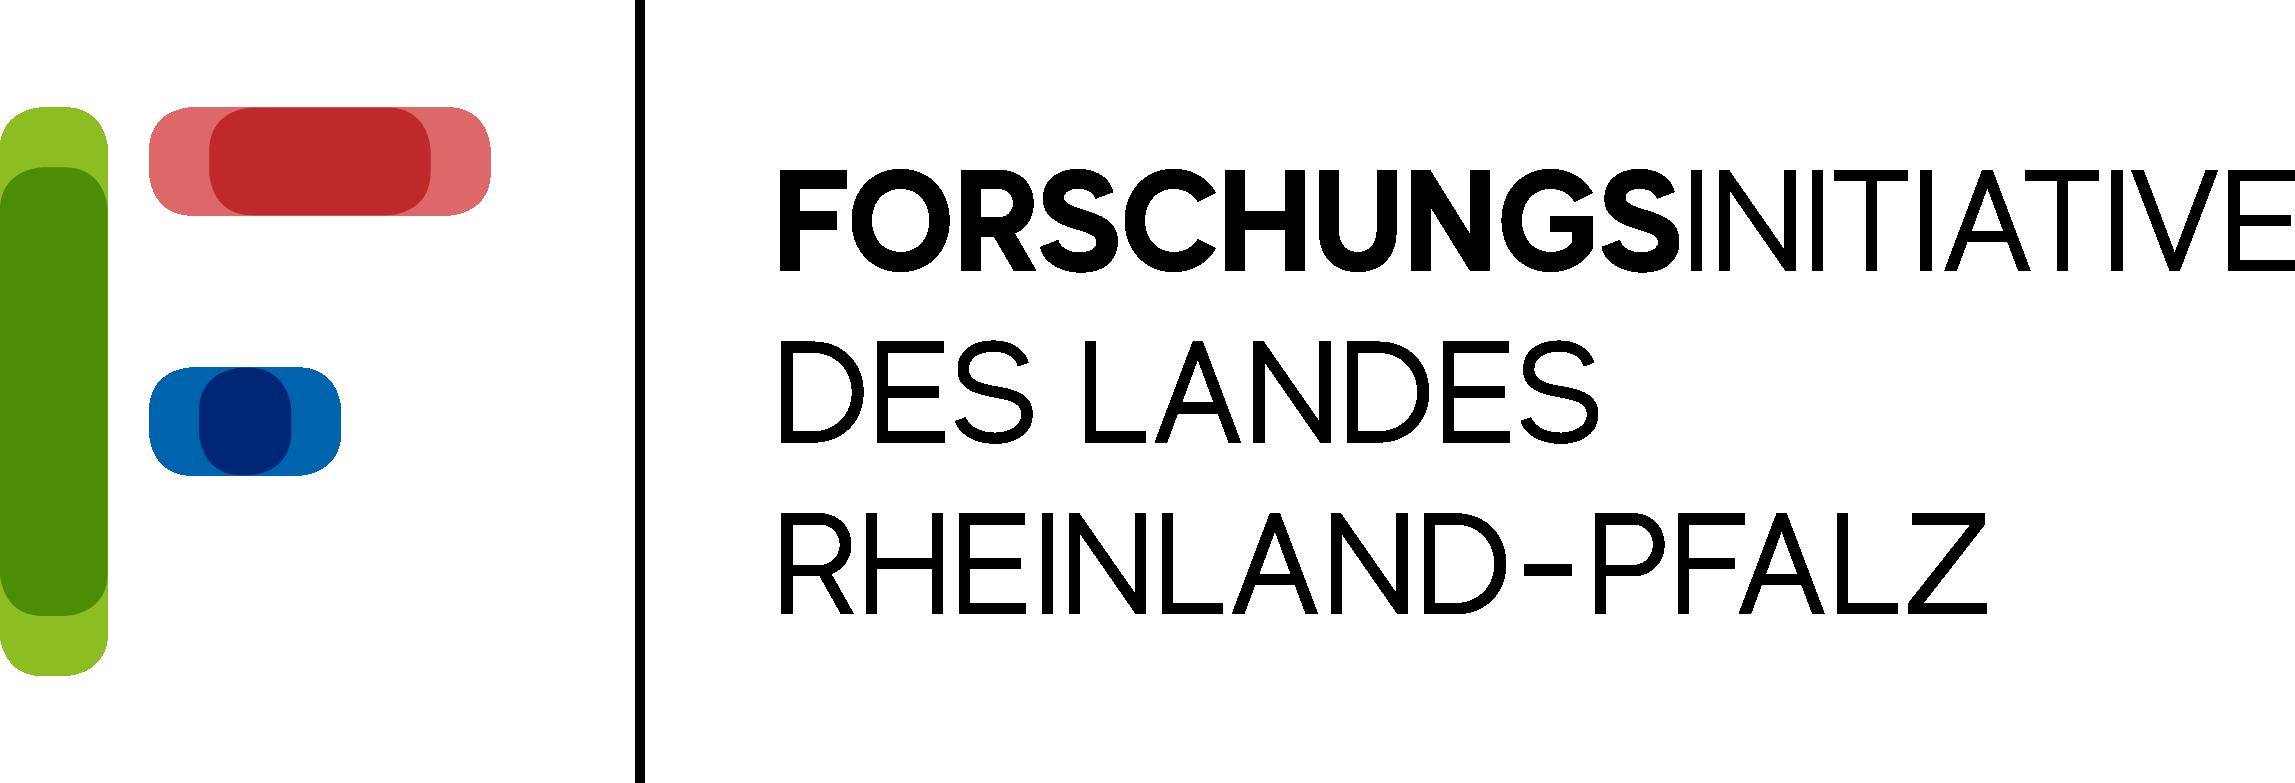 Logo der Forschungsinitiative des Landes Rheinland-Pflaz